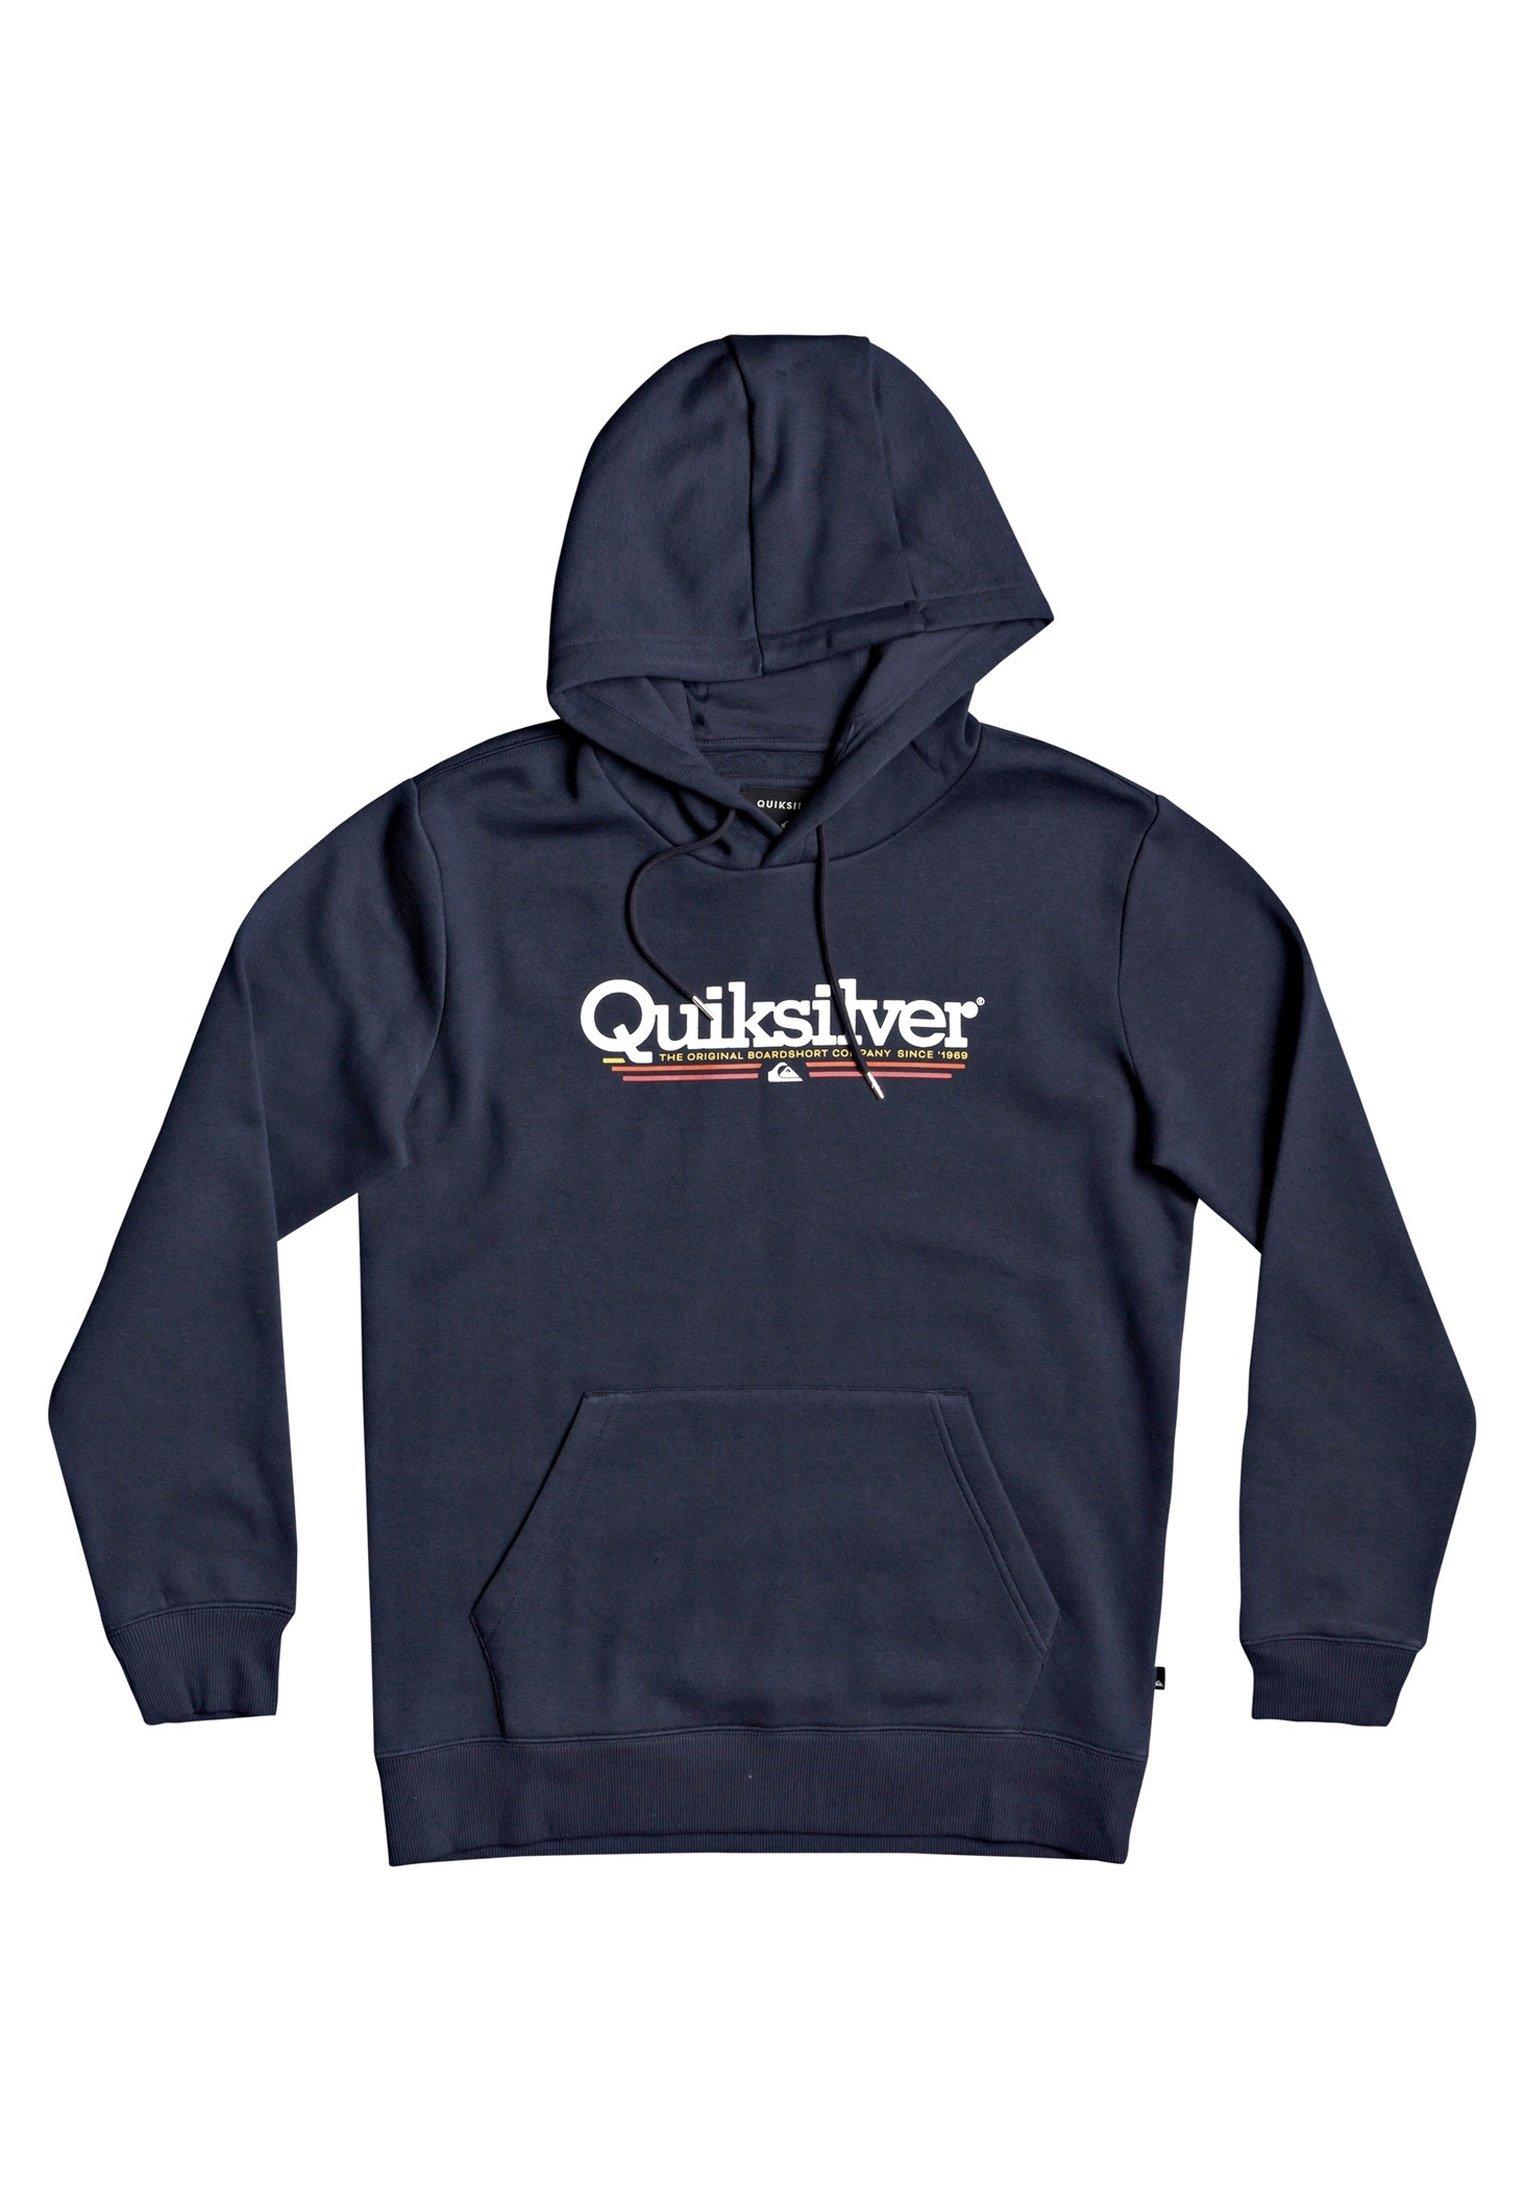 Quiksilver Truien & vesten heren online | ZALANDO